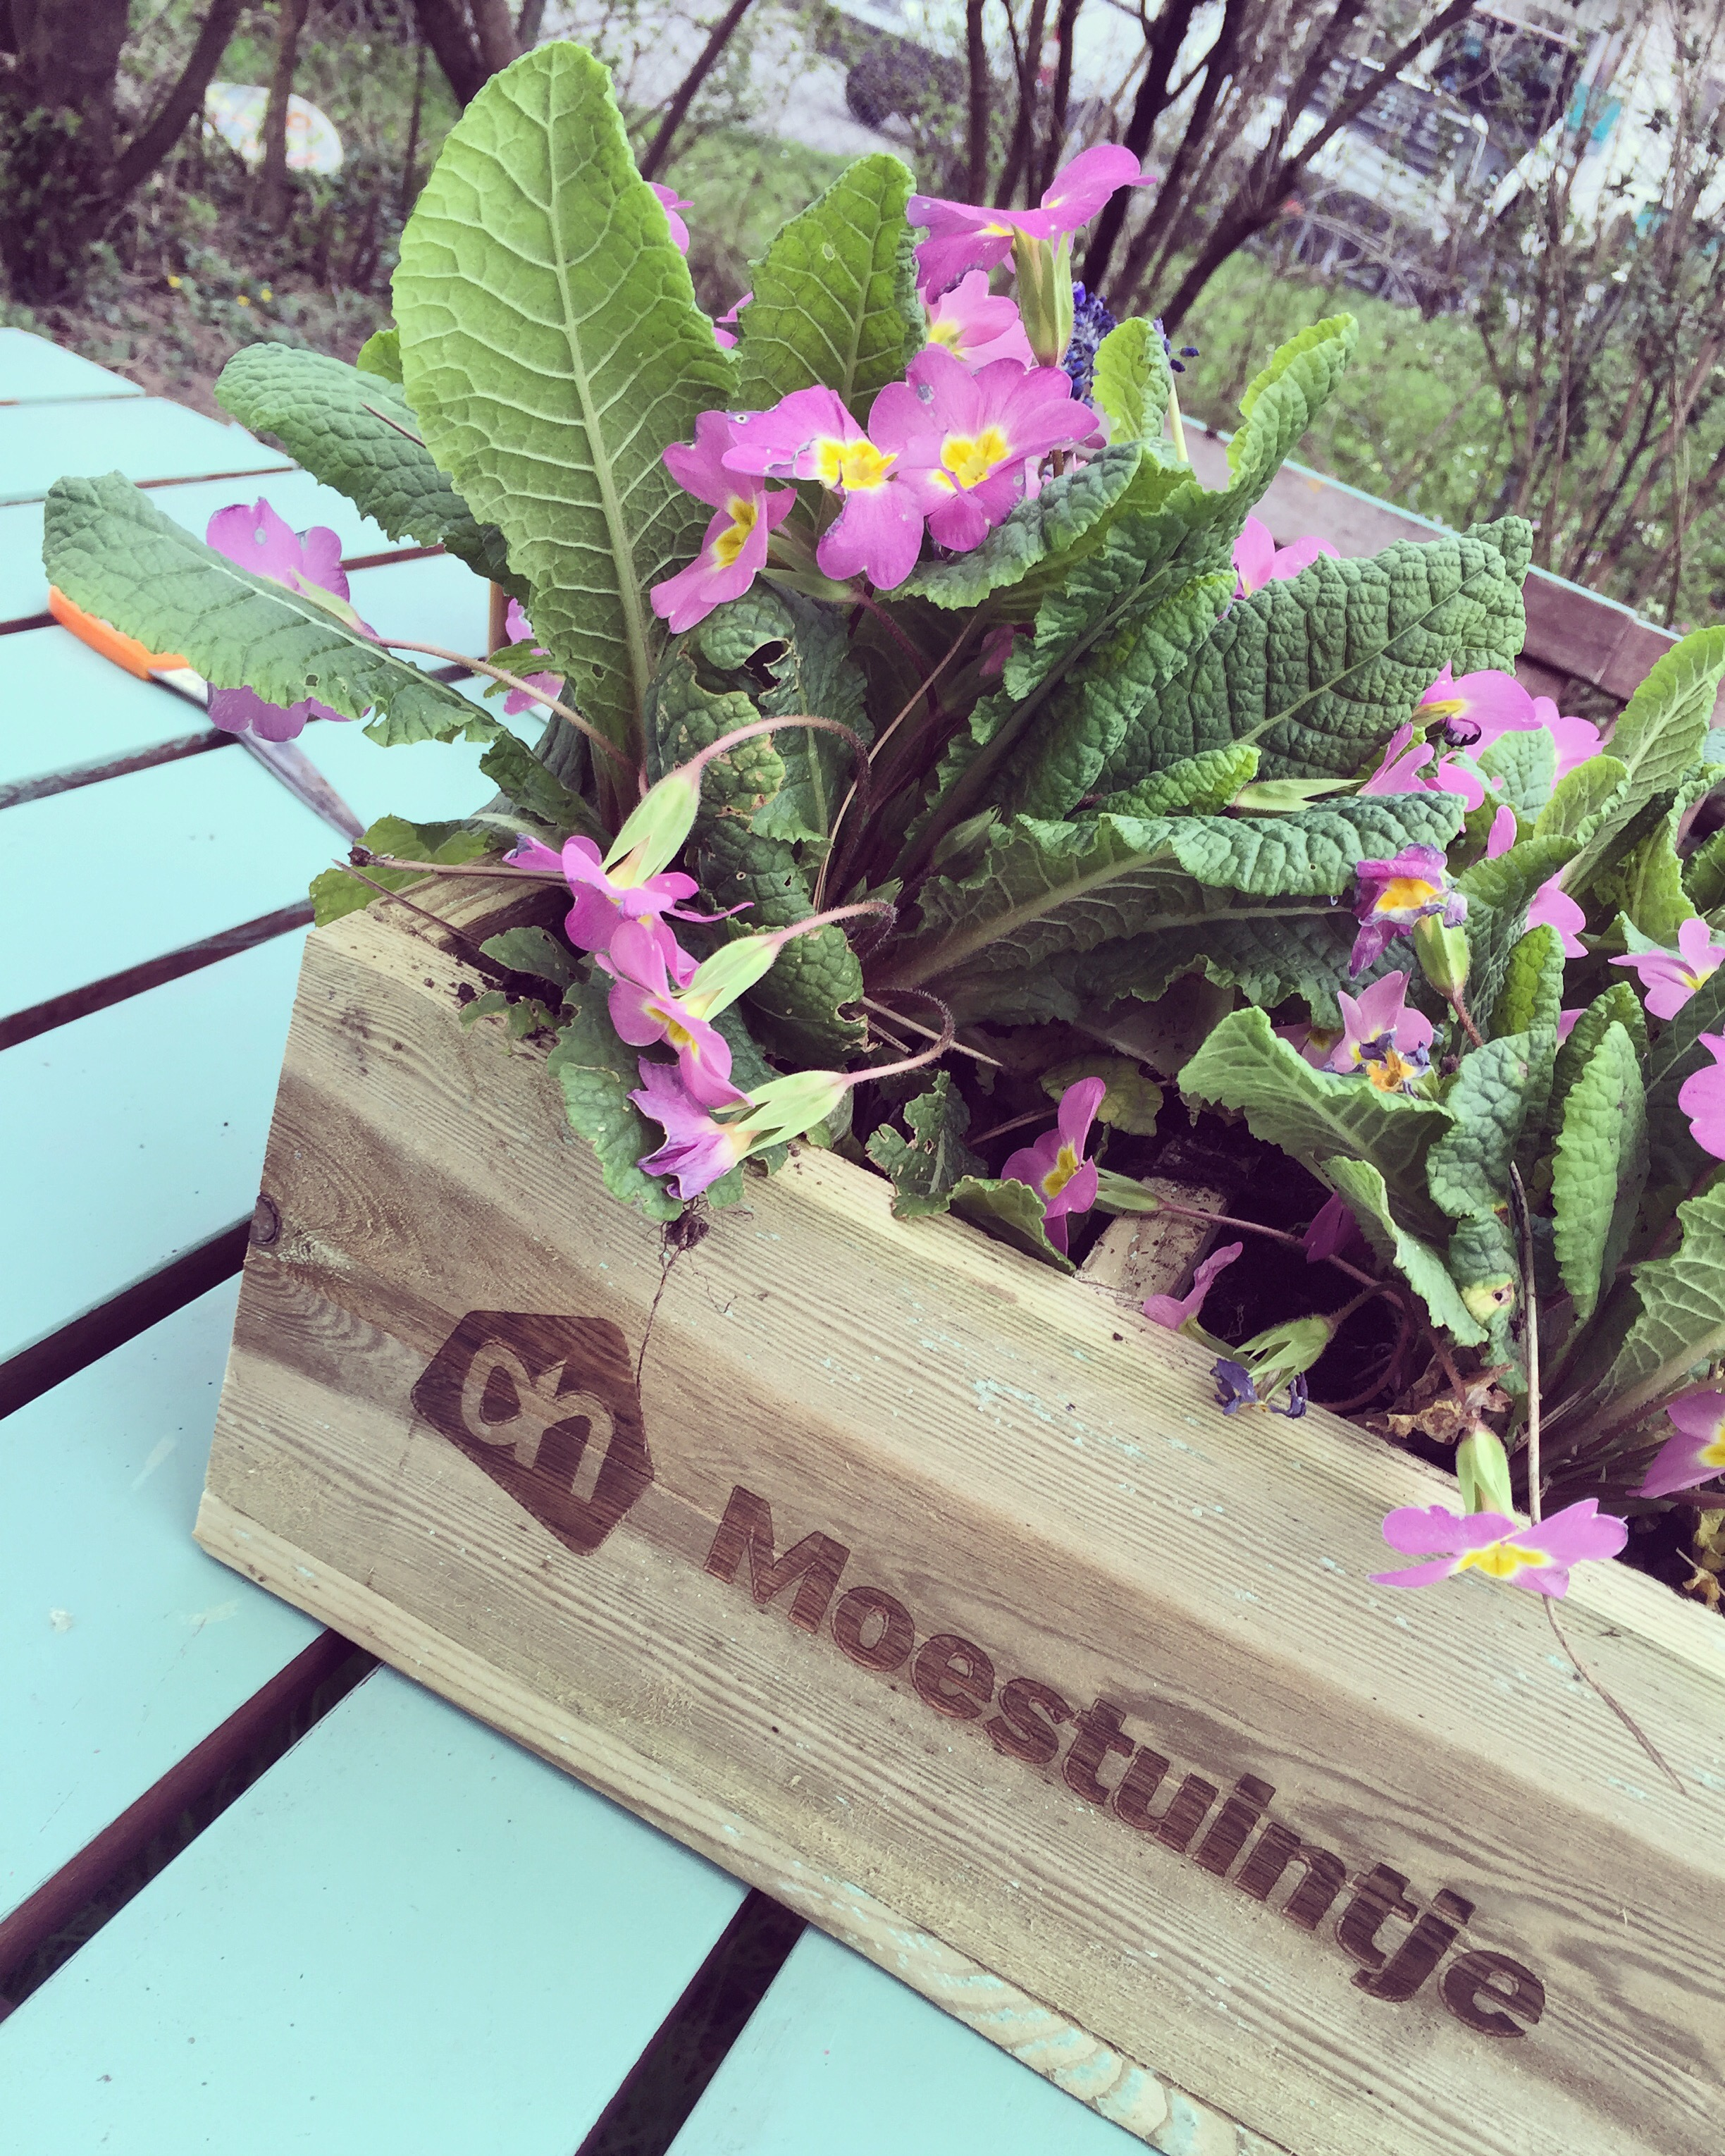 Ik verpotte onze moestuinbakjes en besloot dat in de bak van de AH gewoon bloemen moesten komen. De primula's haalde ik uit de tuin.